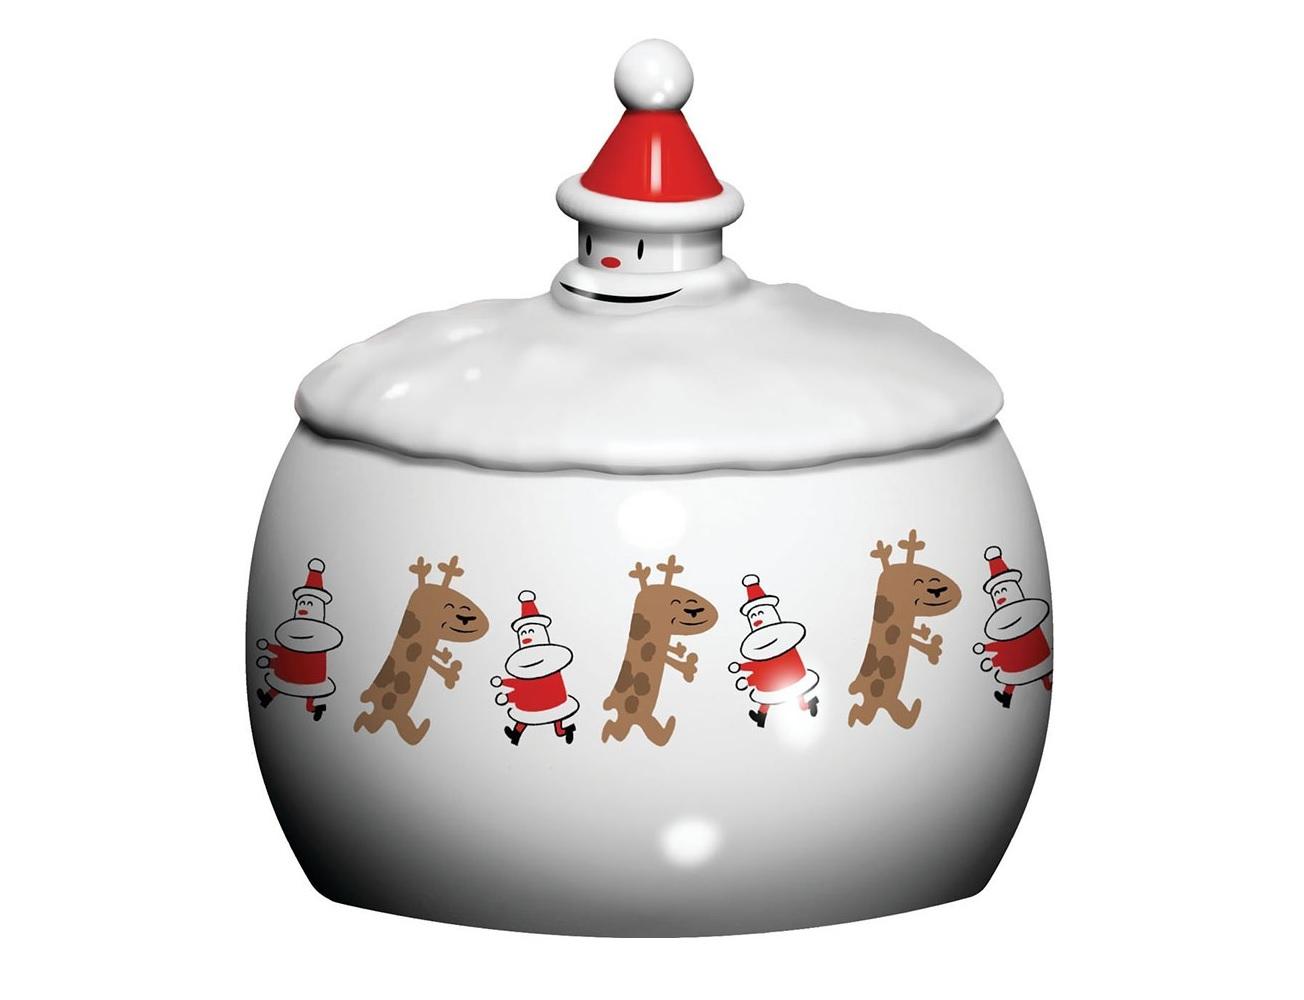 Банка для печенья let in snowЕмкости для хранения<br>Благодаря своему веселому новогоднему рисунку банка для печенья Let in snow прекрасно дополнит ваш интерьер, а также послужит оригинальным декором праздничному столу. <br>Такой рисунок одинаково порадует и детей, и взрослых - итальянский бренд Alessi известен своим сотрудничеством с лучшими дизайнерами и художниками. Приобретя банку для печенья Let in snow, вы получаете не только удобный резервуар для хранения различных вкусностей, но и по-настоящему авторскую вещь.<br><br>Material: Фарфор<br>Height см: 19<br>Diameter см: 20